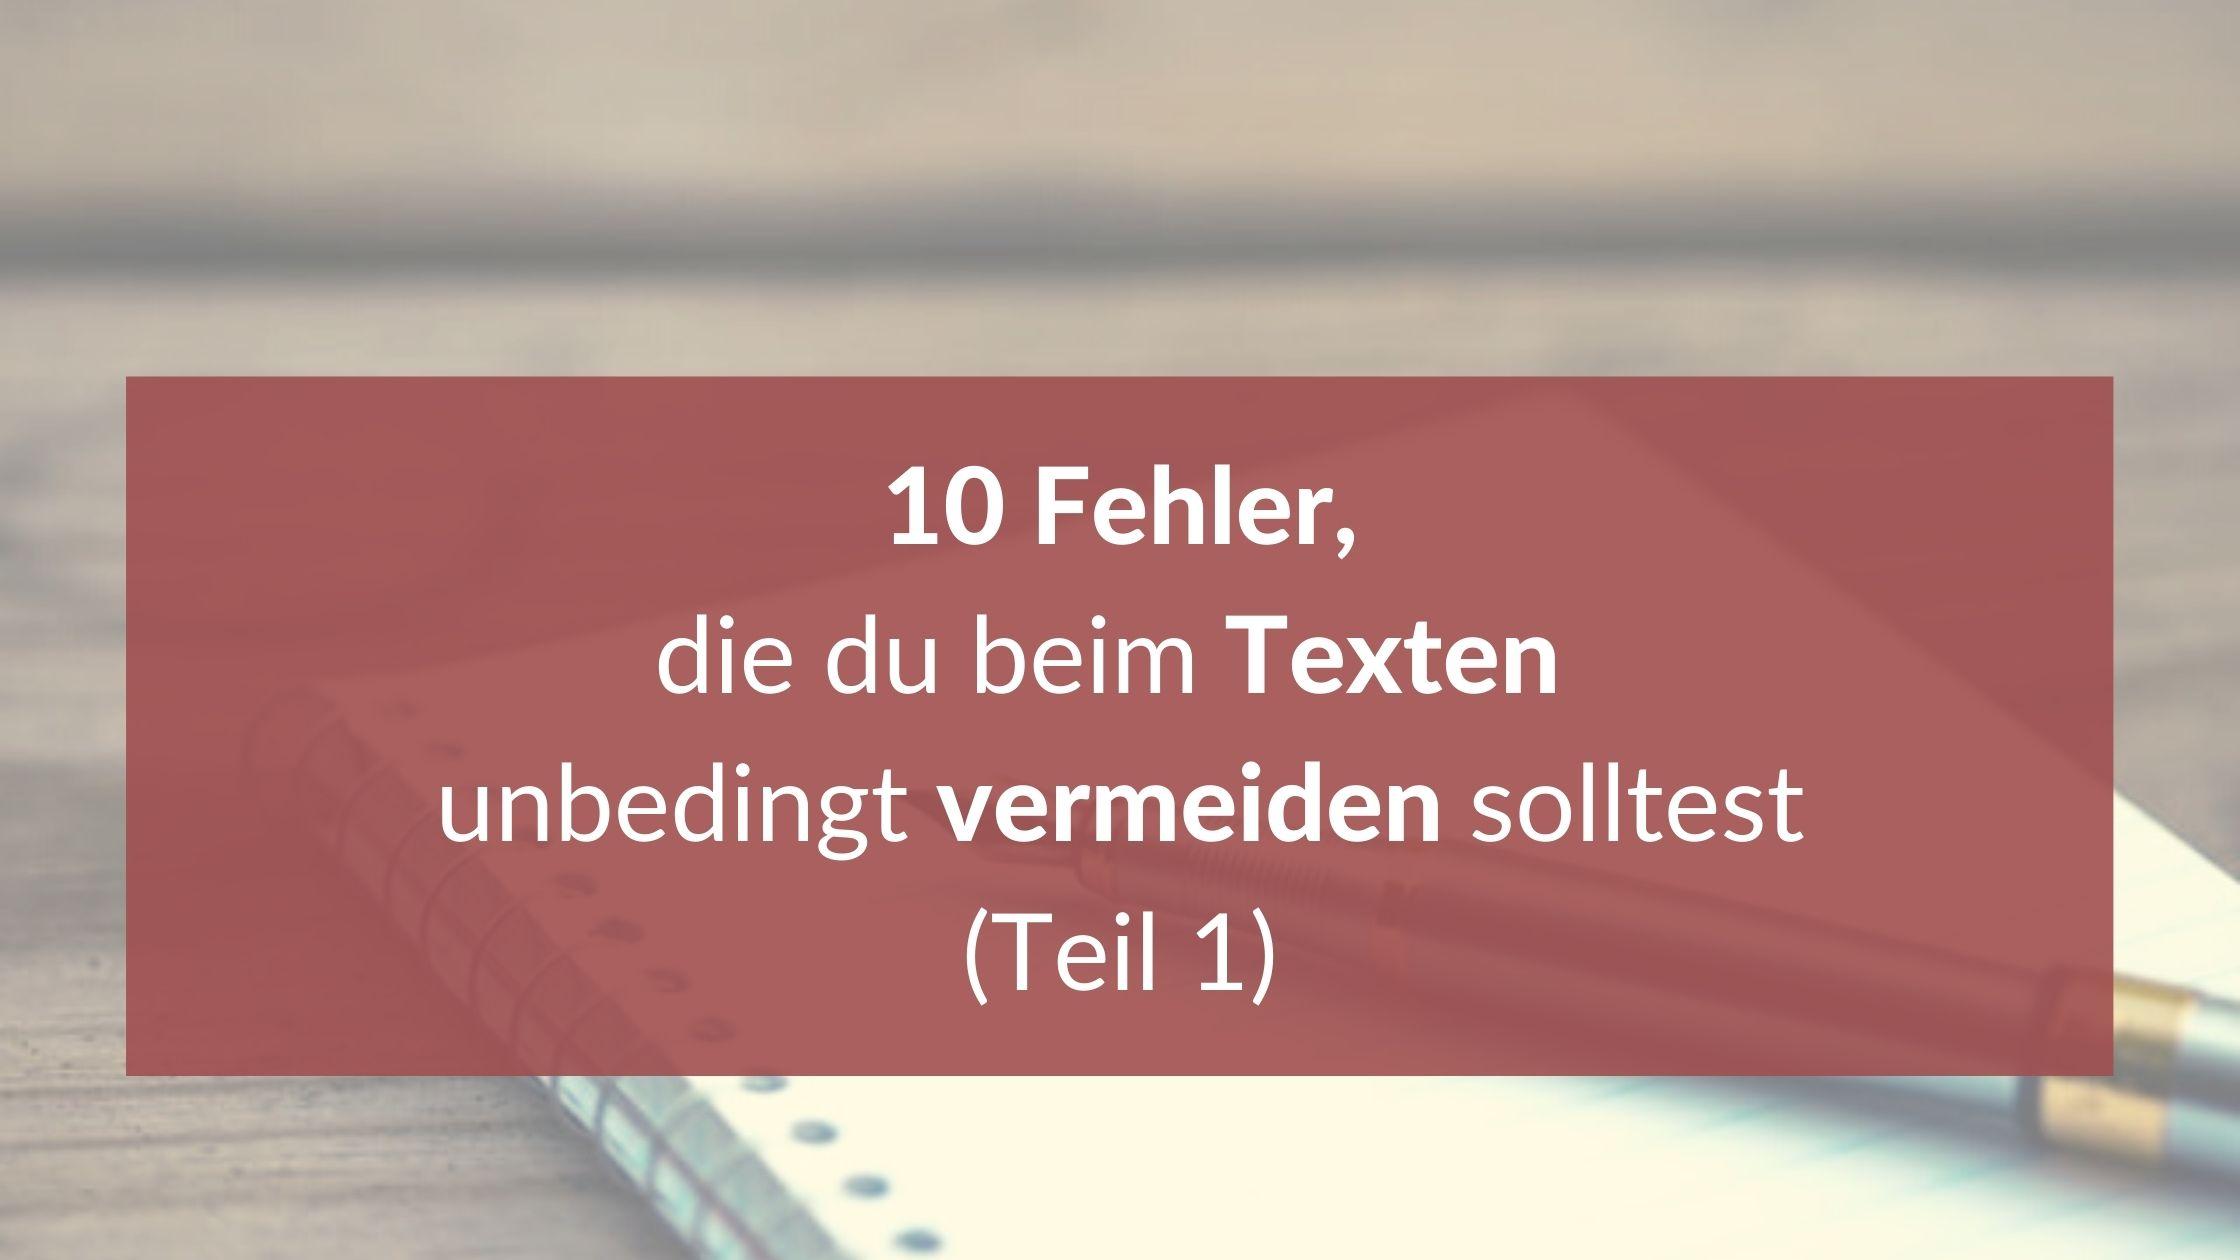 Blog 8 von textbutik, 10 Fehler die du beim Texten unbedingt vermeiden solltest, Teil 1